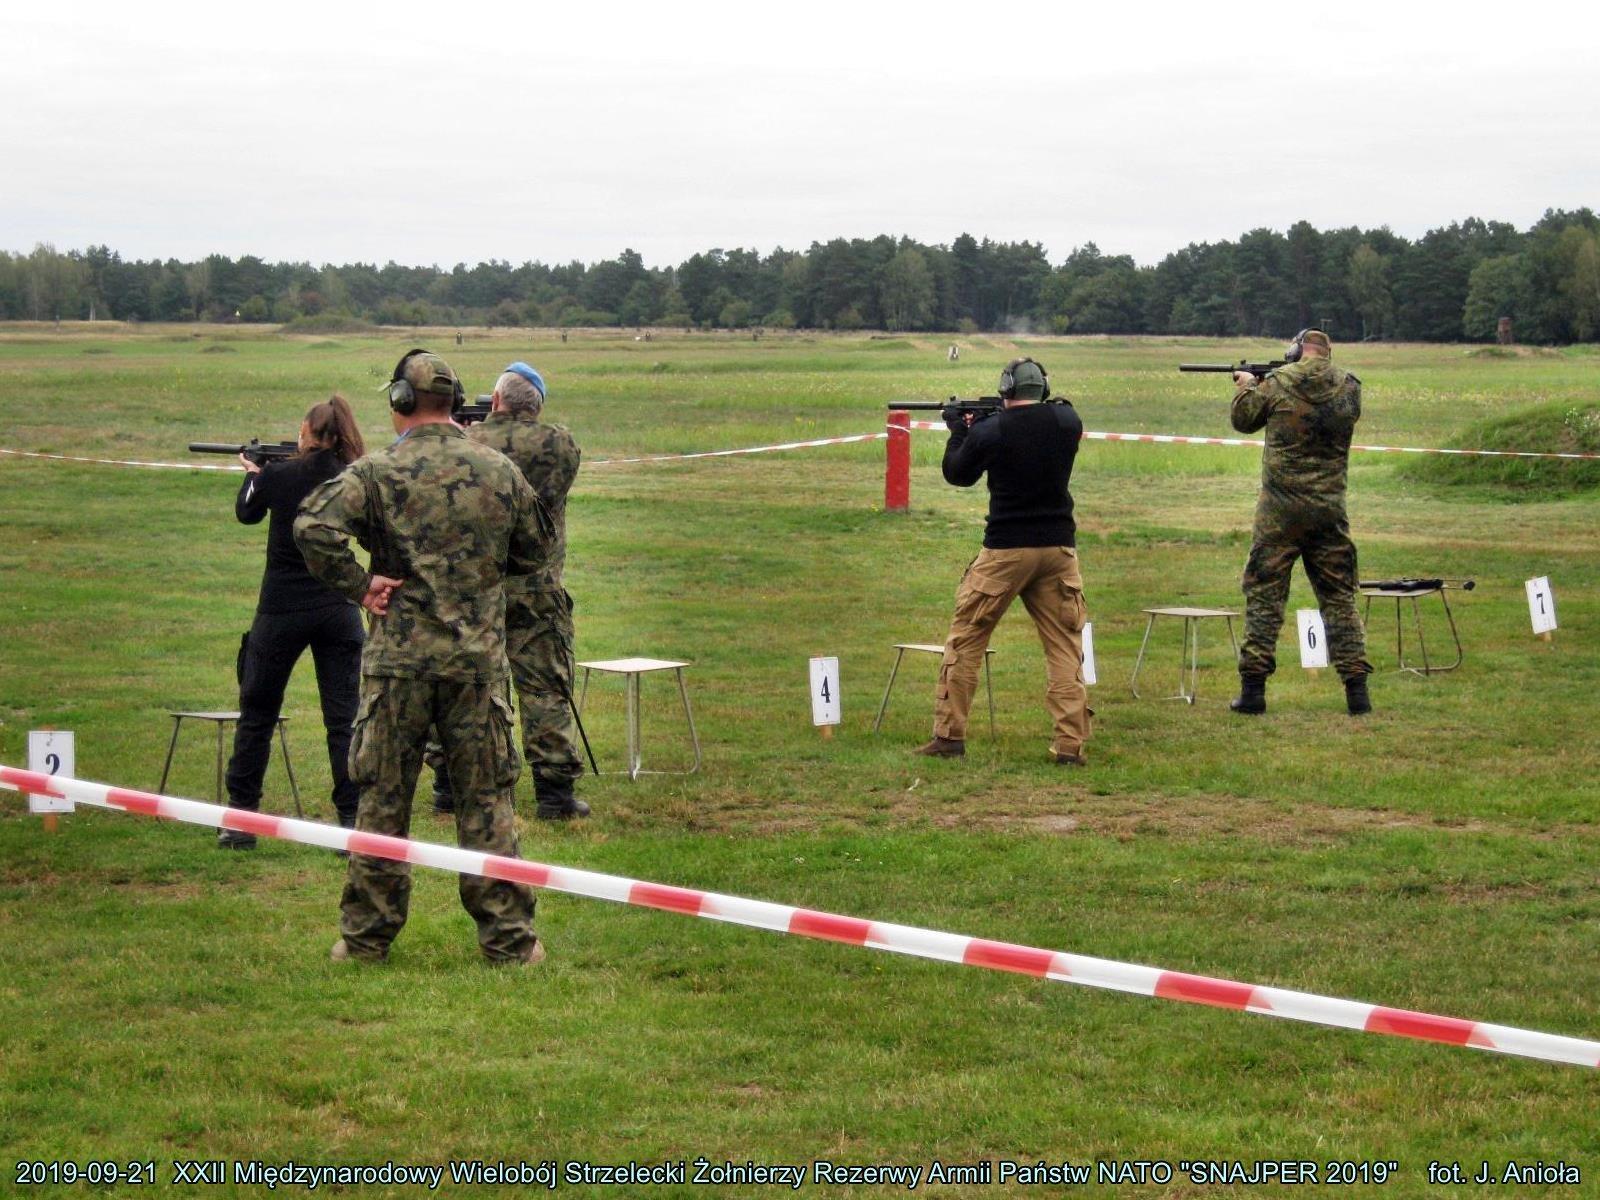 XXII Międzynarodowy Wielobój  Strzelecki Żołnierzy Rezerwy